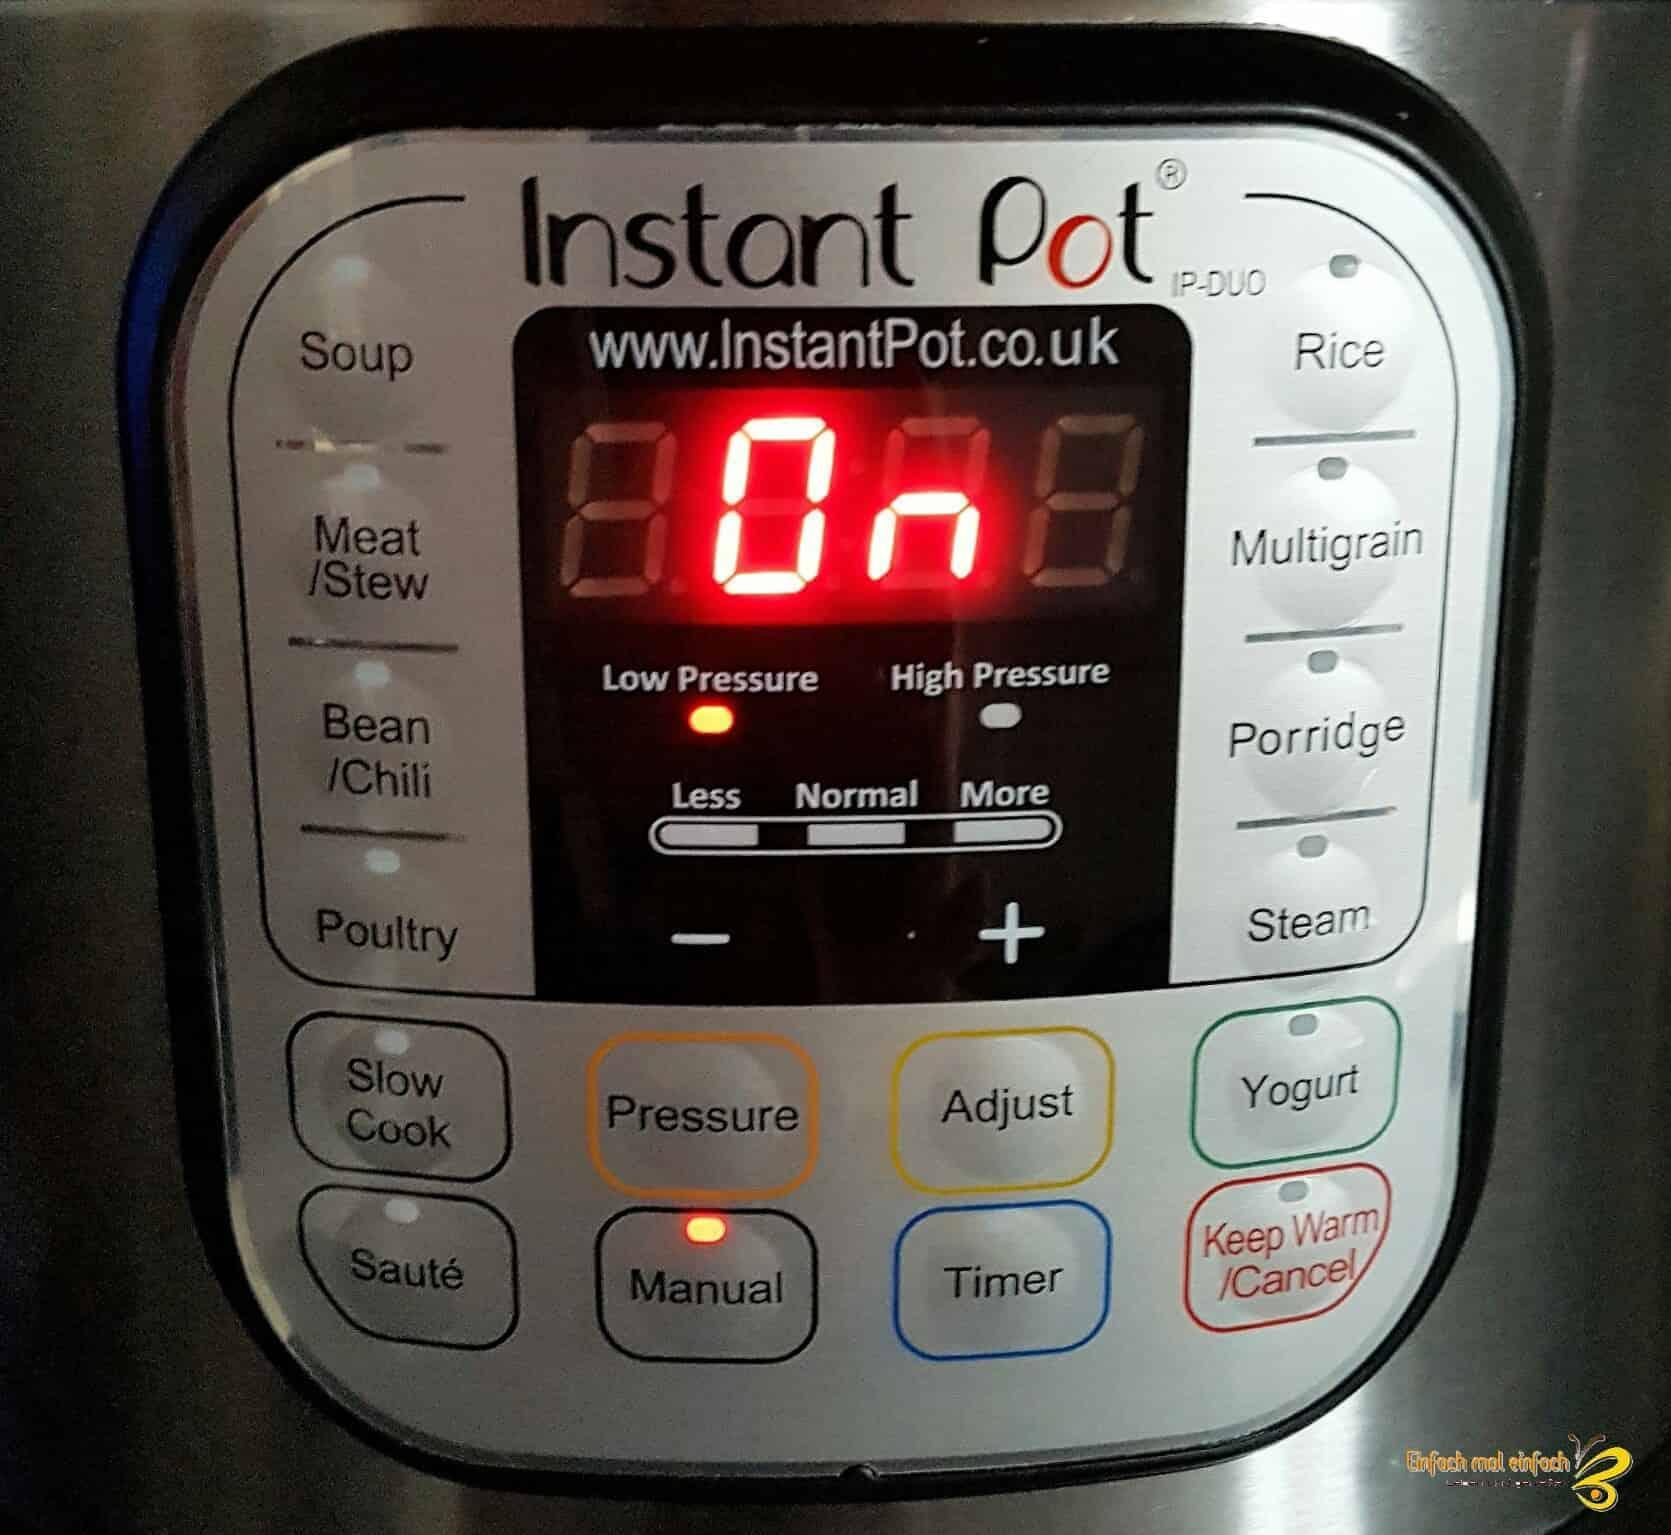 Tipps & Tricks für den elektrischen Schnellkochtopf - Bild 5